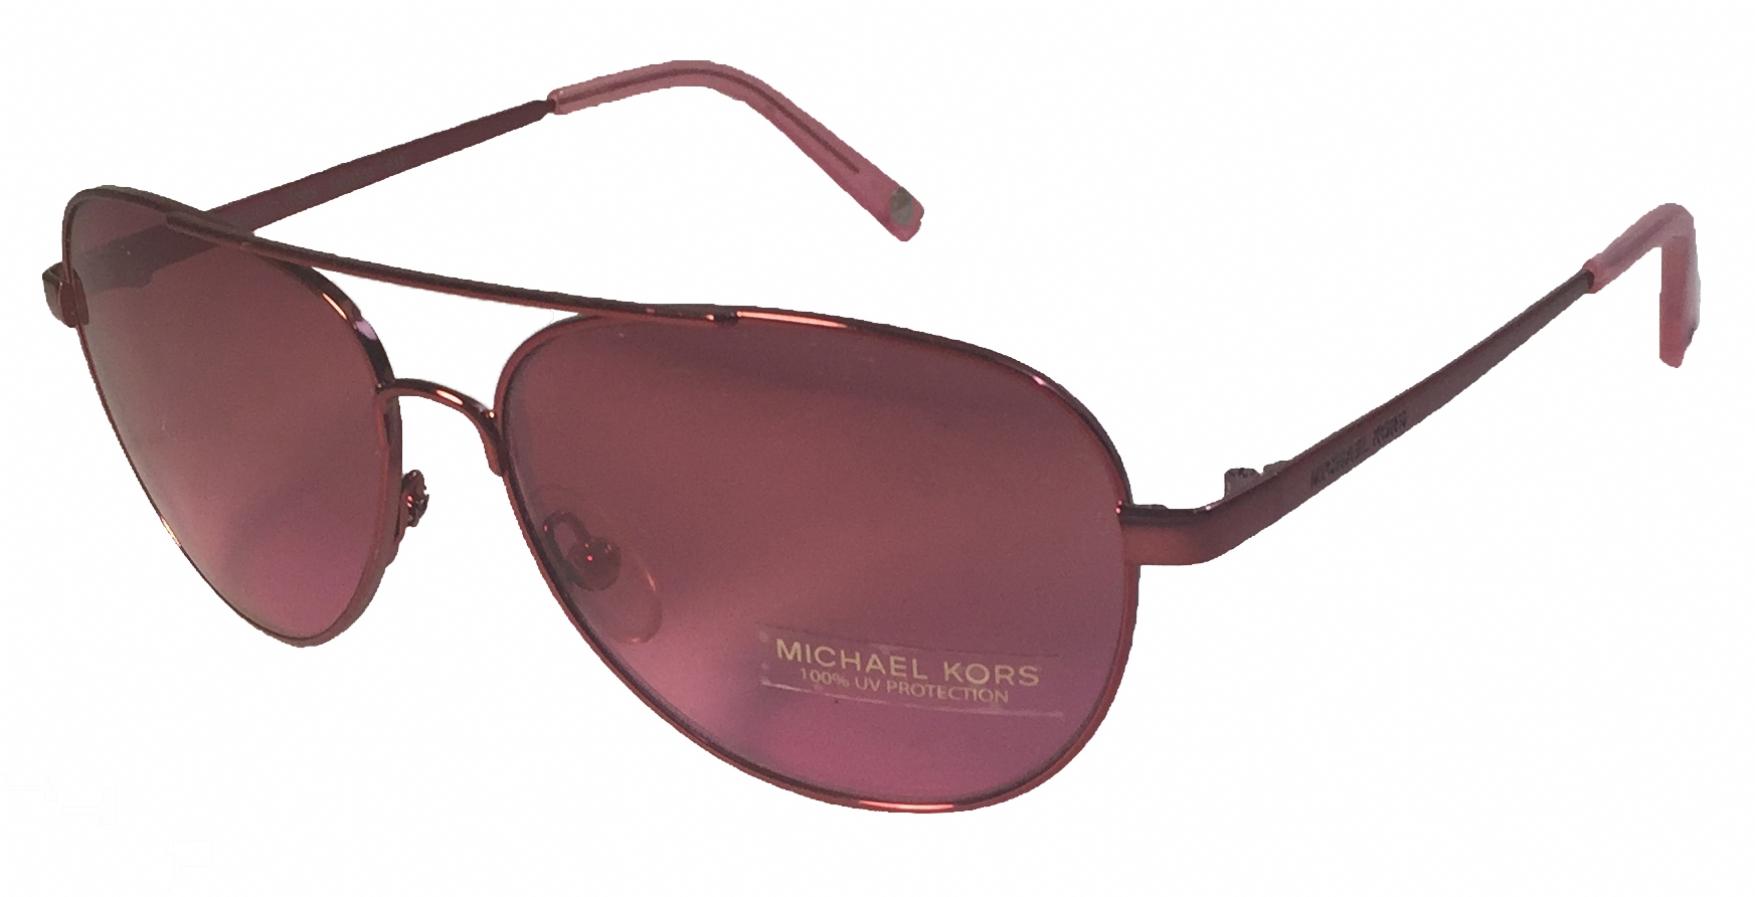 0f5e22cf29 Buy Michael Kors Sunglasses directly from OpticsFast.com